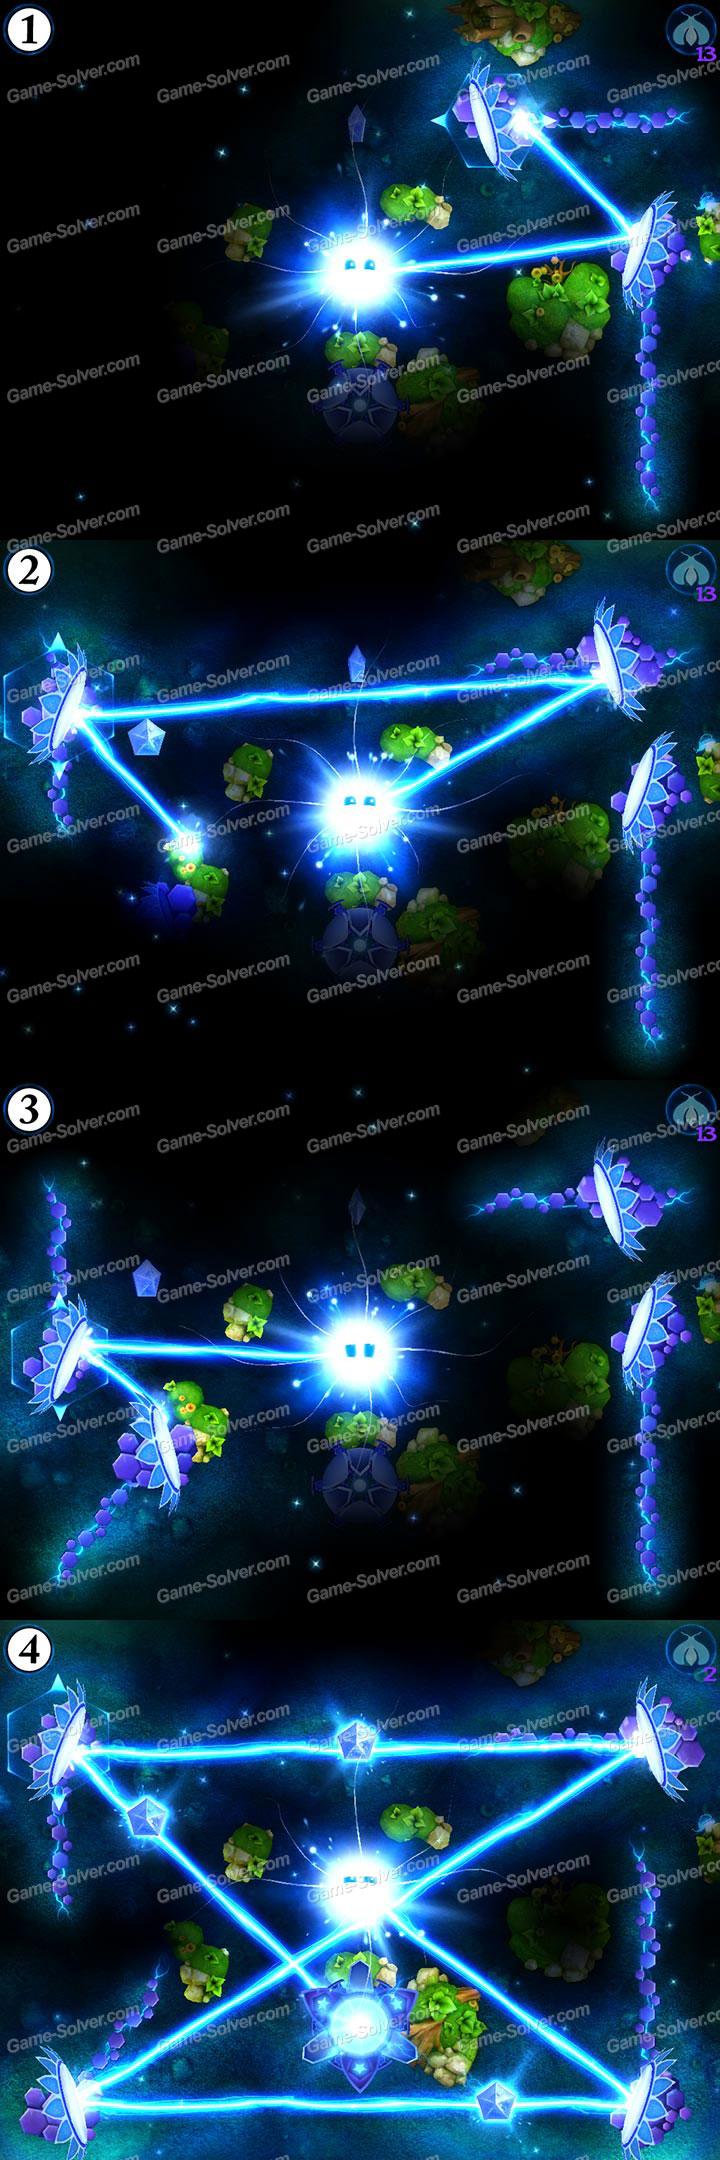 God Of Light World 1 Level 16 Solutions